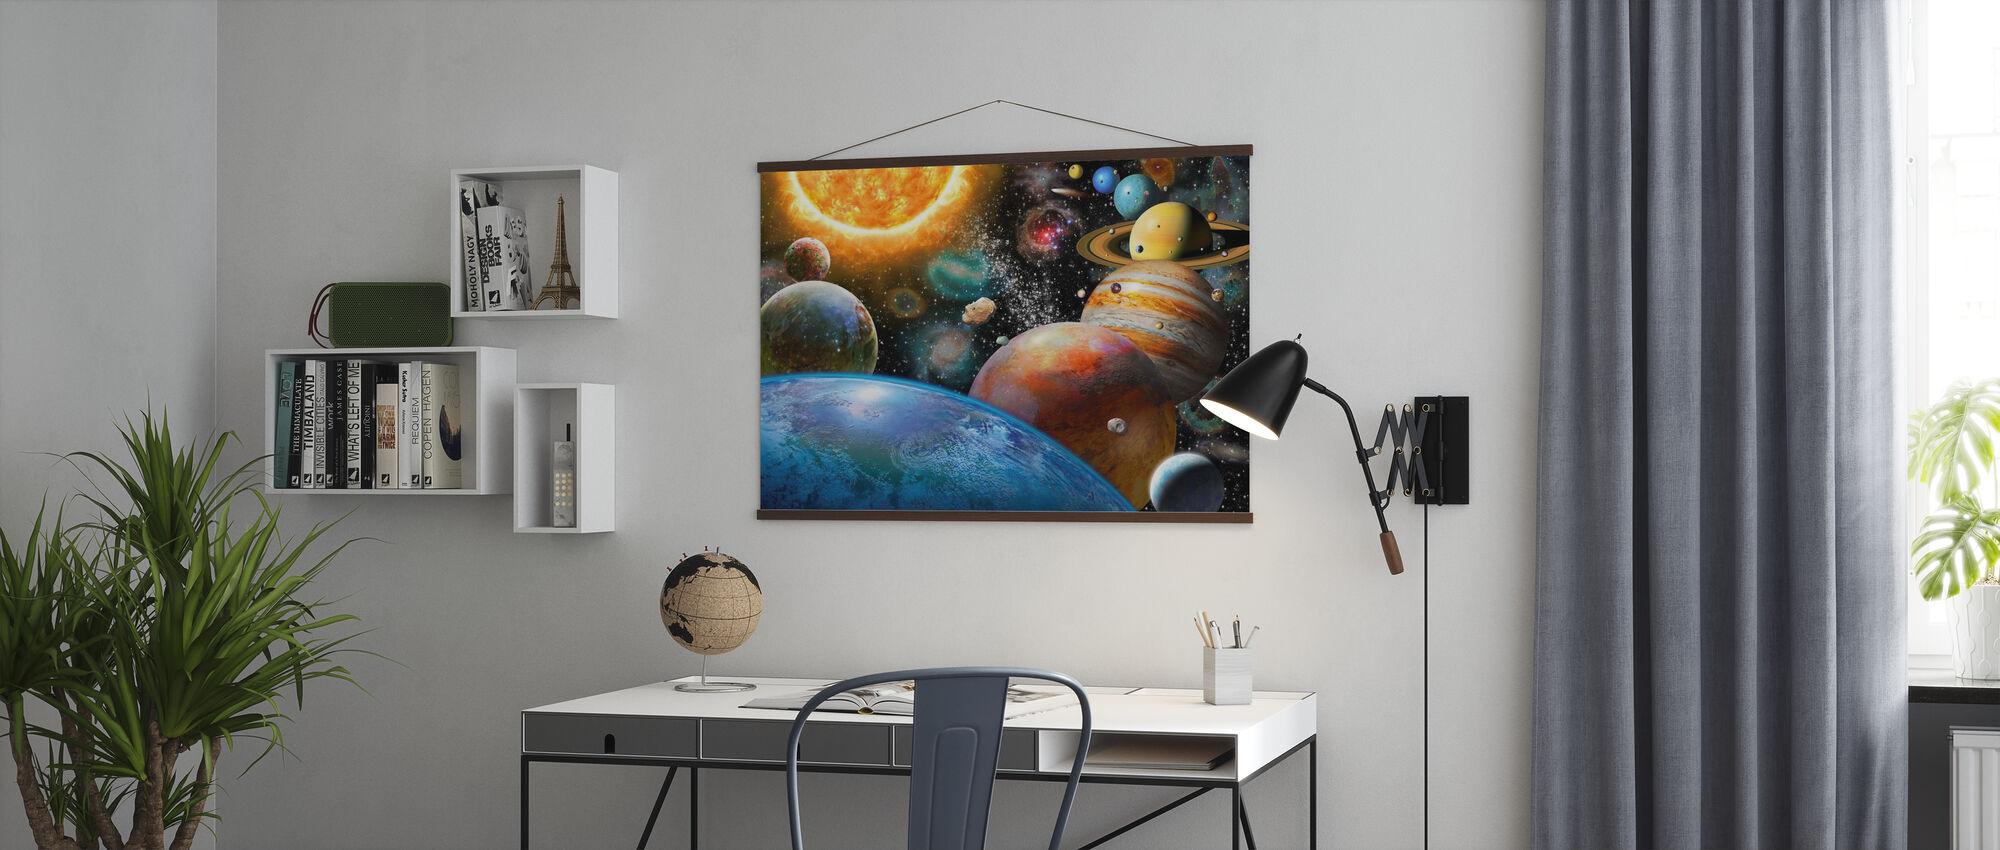 Planeetat ja niiden kuut - Juliste - Toimisto